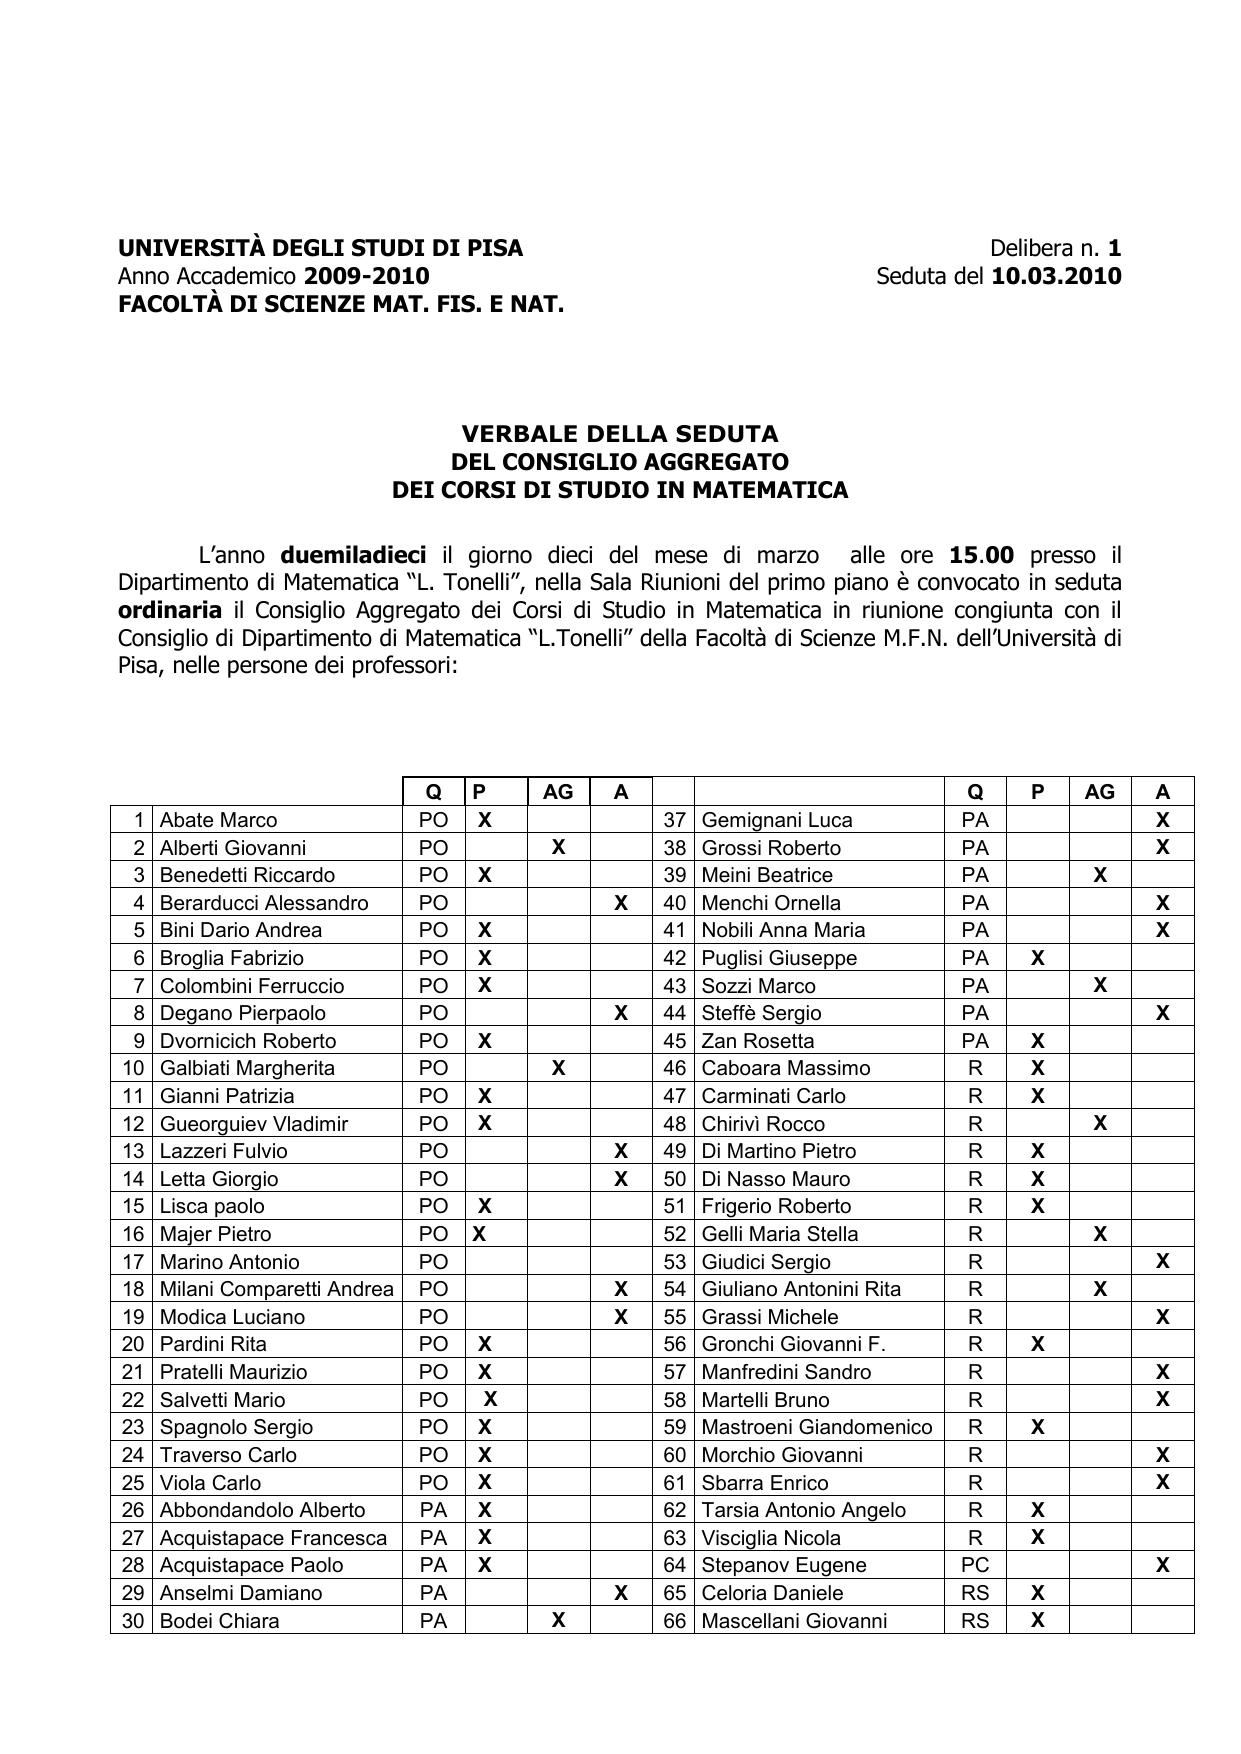 Calendario Lezioni Unipi.Universita Degli Studi Di Pisa